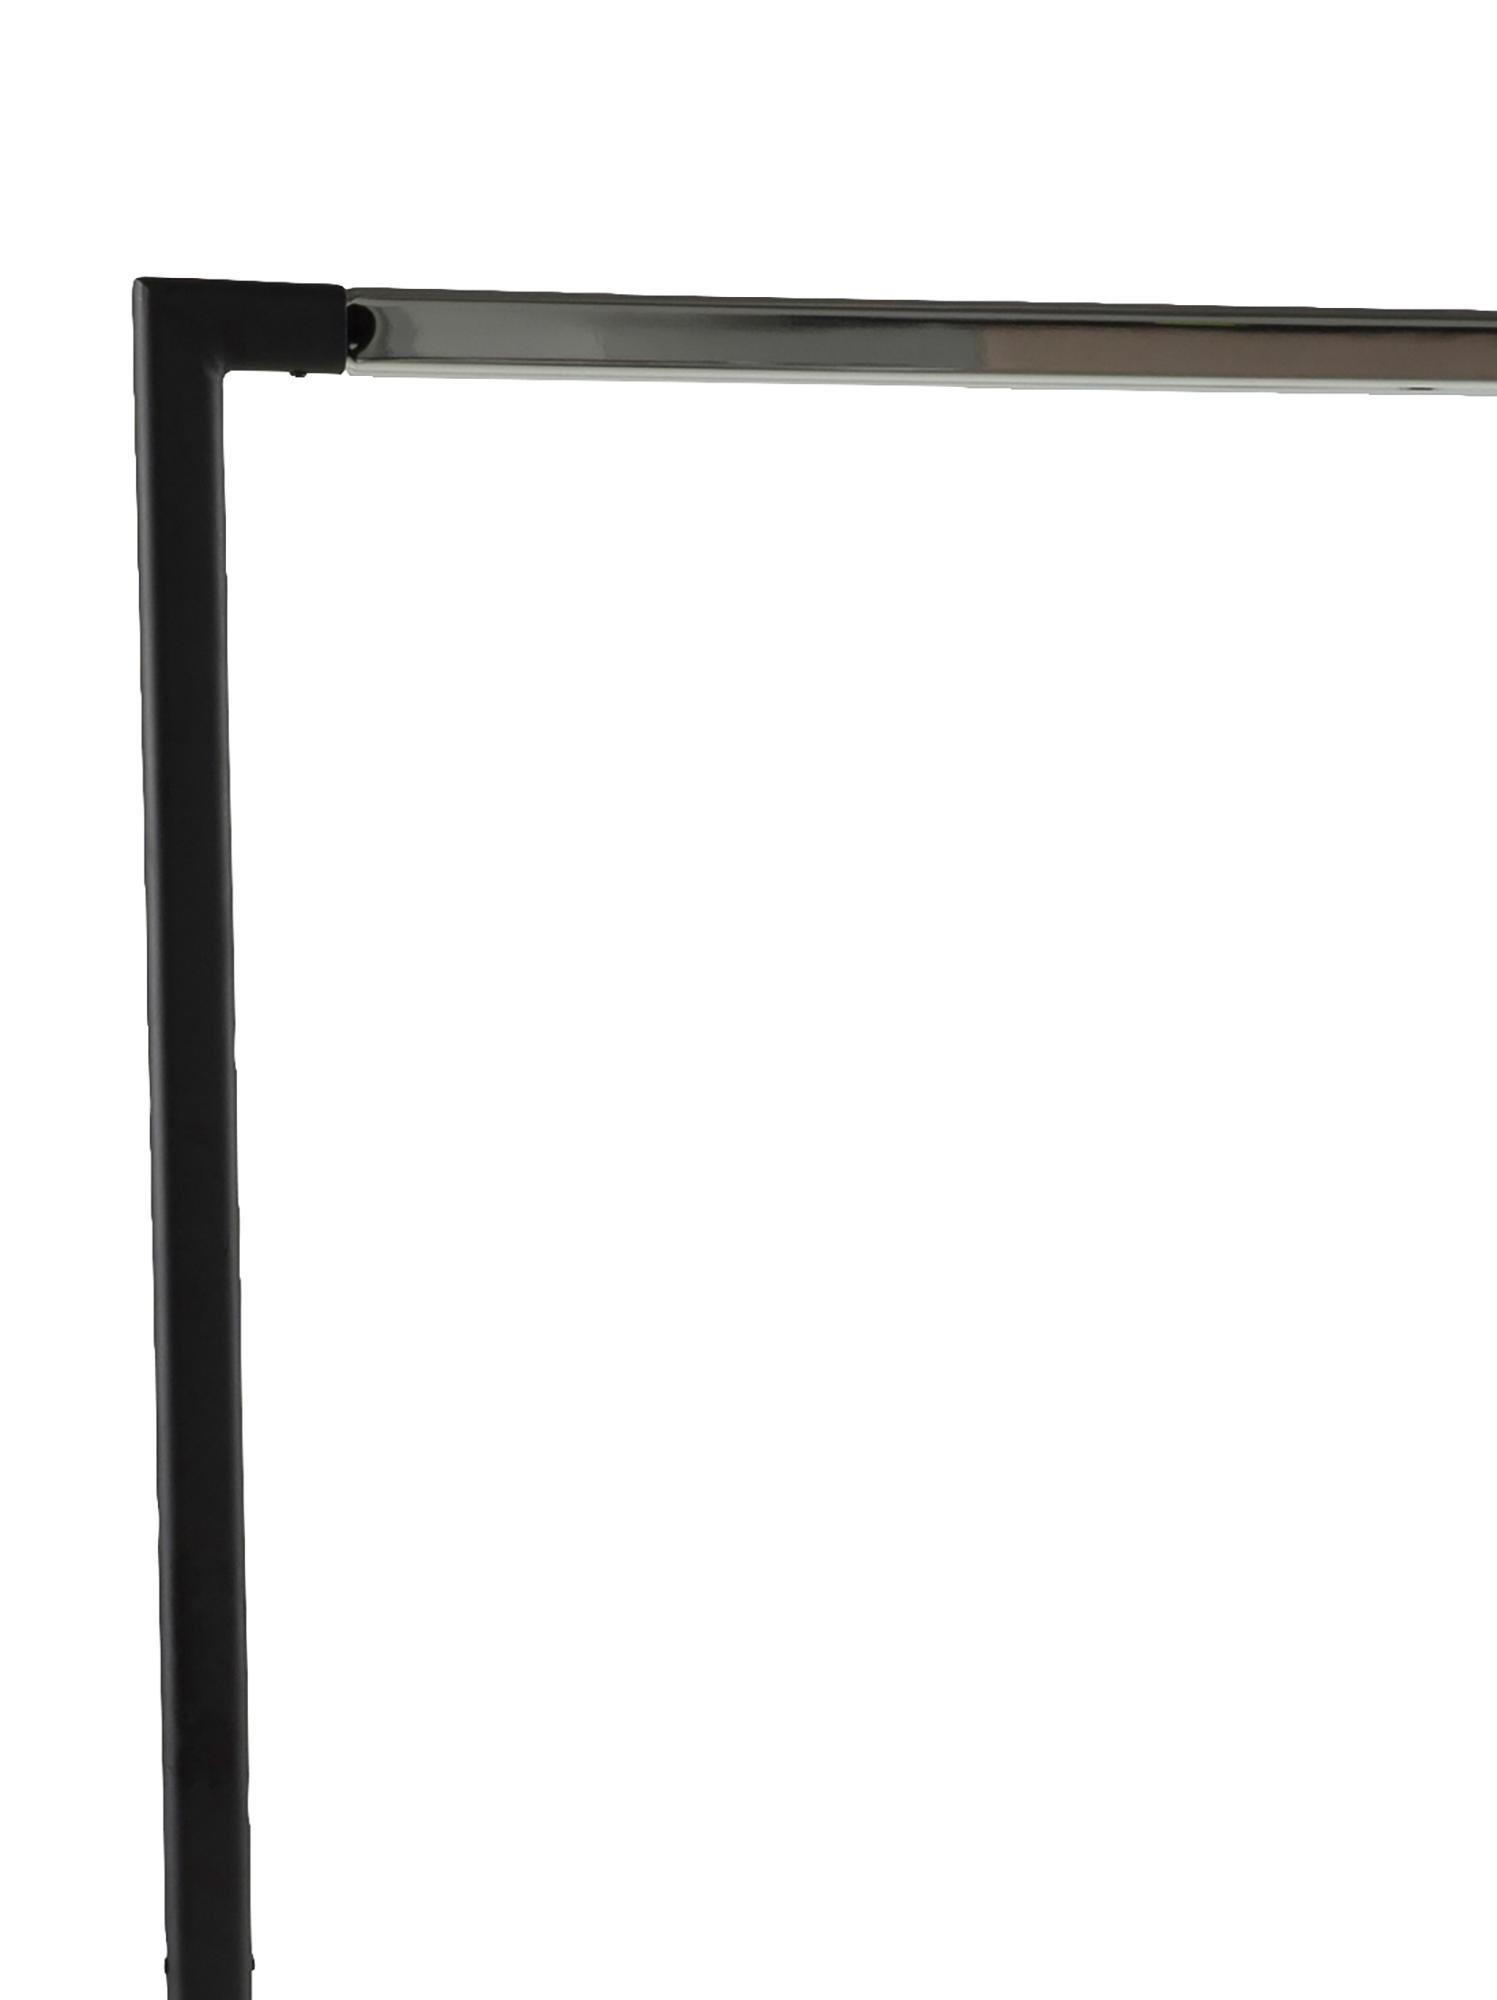 Appendiabiti con mensola Brent, Metallo verniciato a polvere, Nero, Larg. 117 x Prof. 59 cm